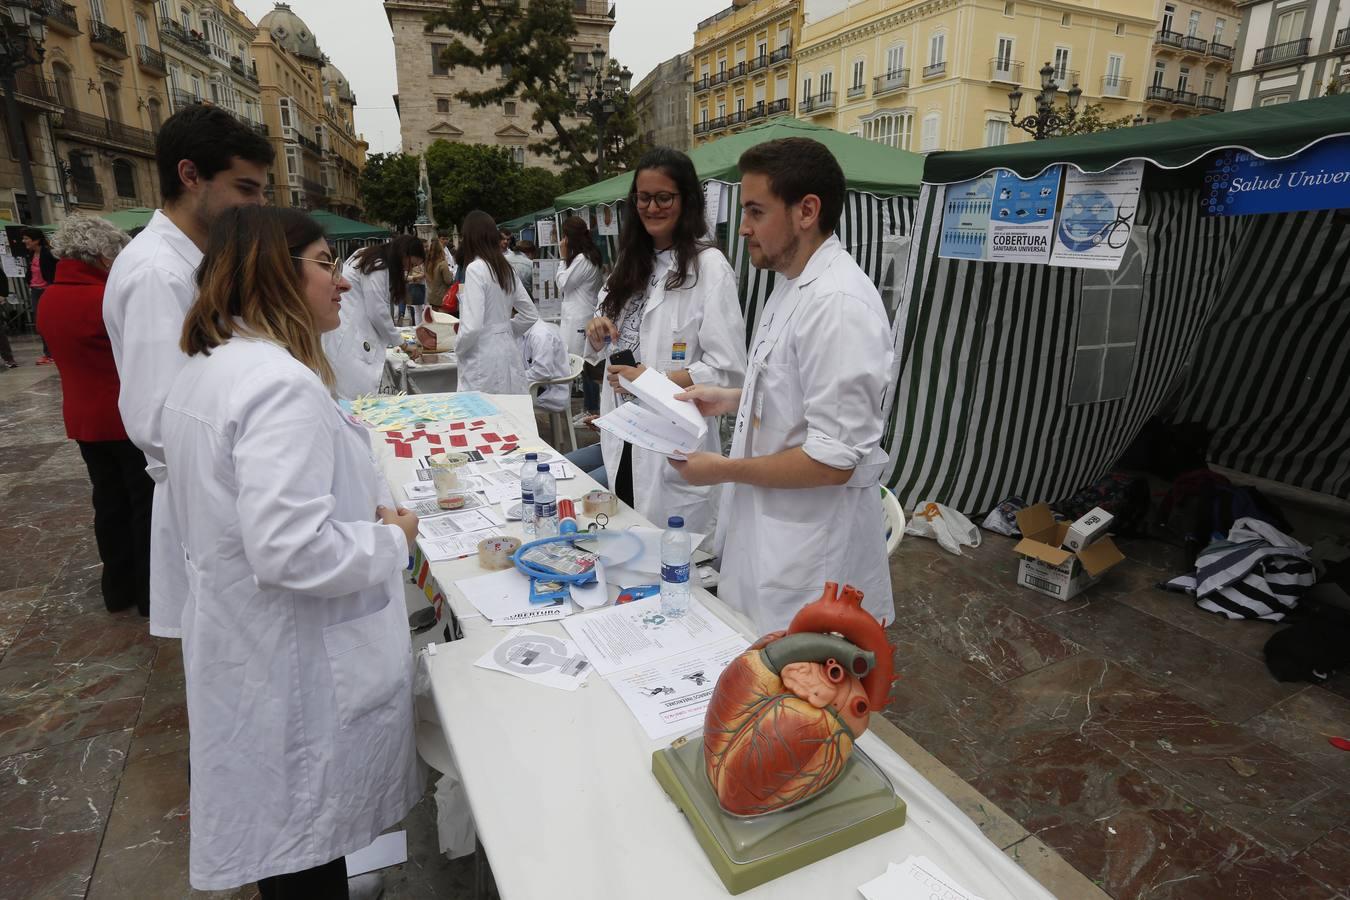 La Feria de la salud en Valencia recibe a 300 estudiantes